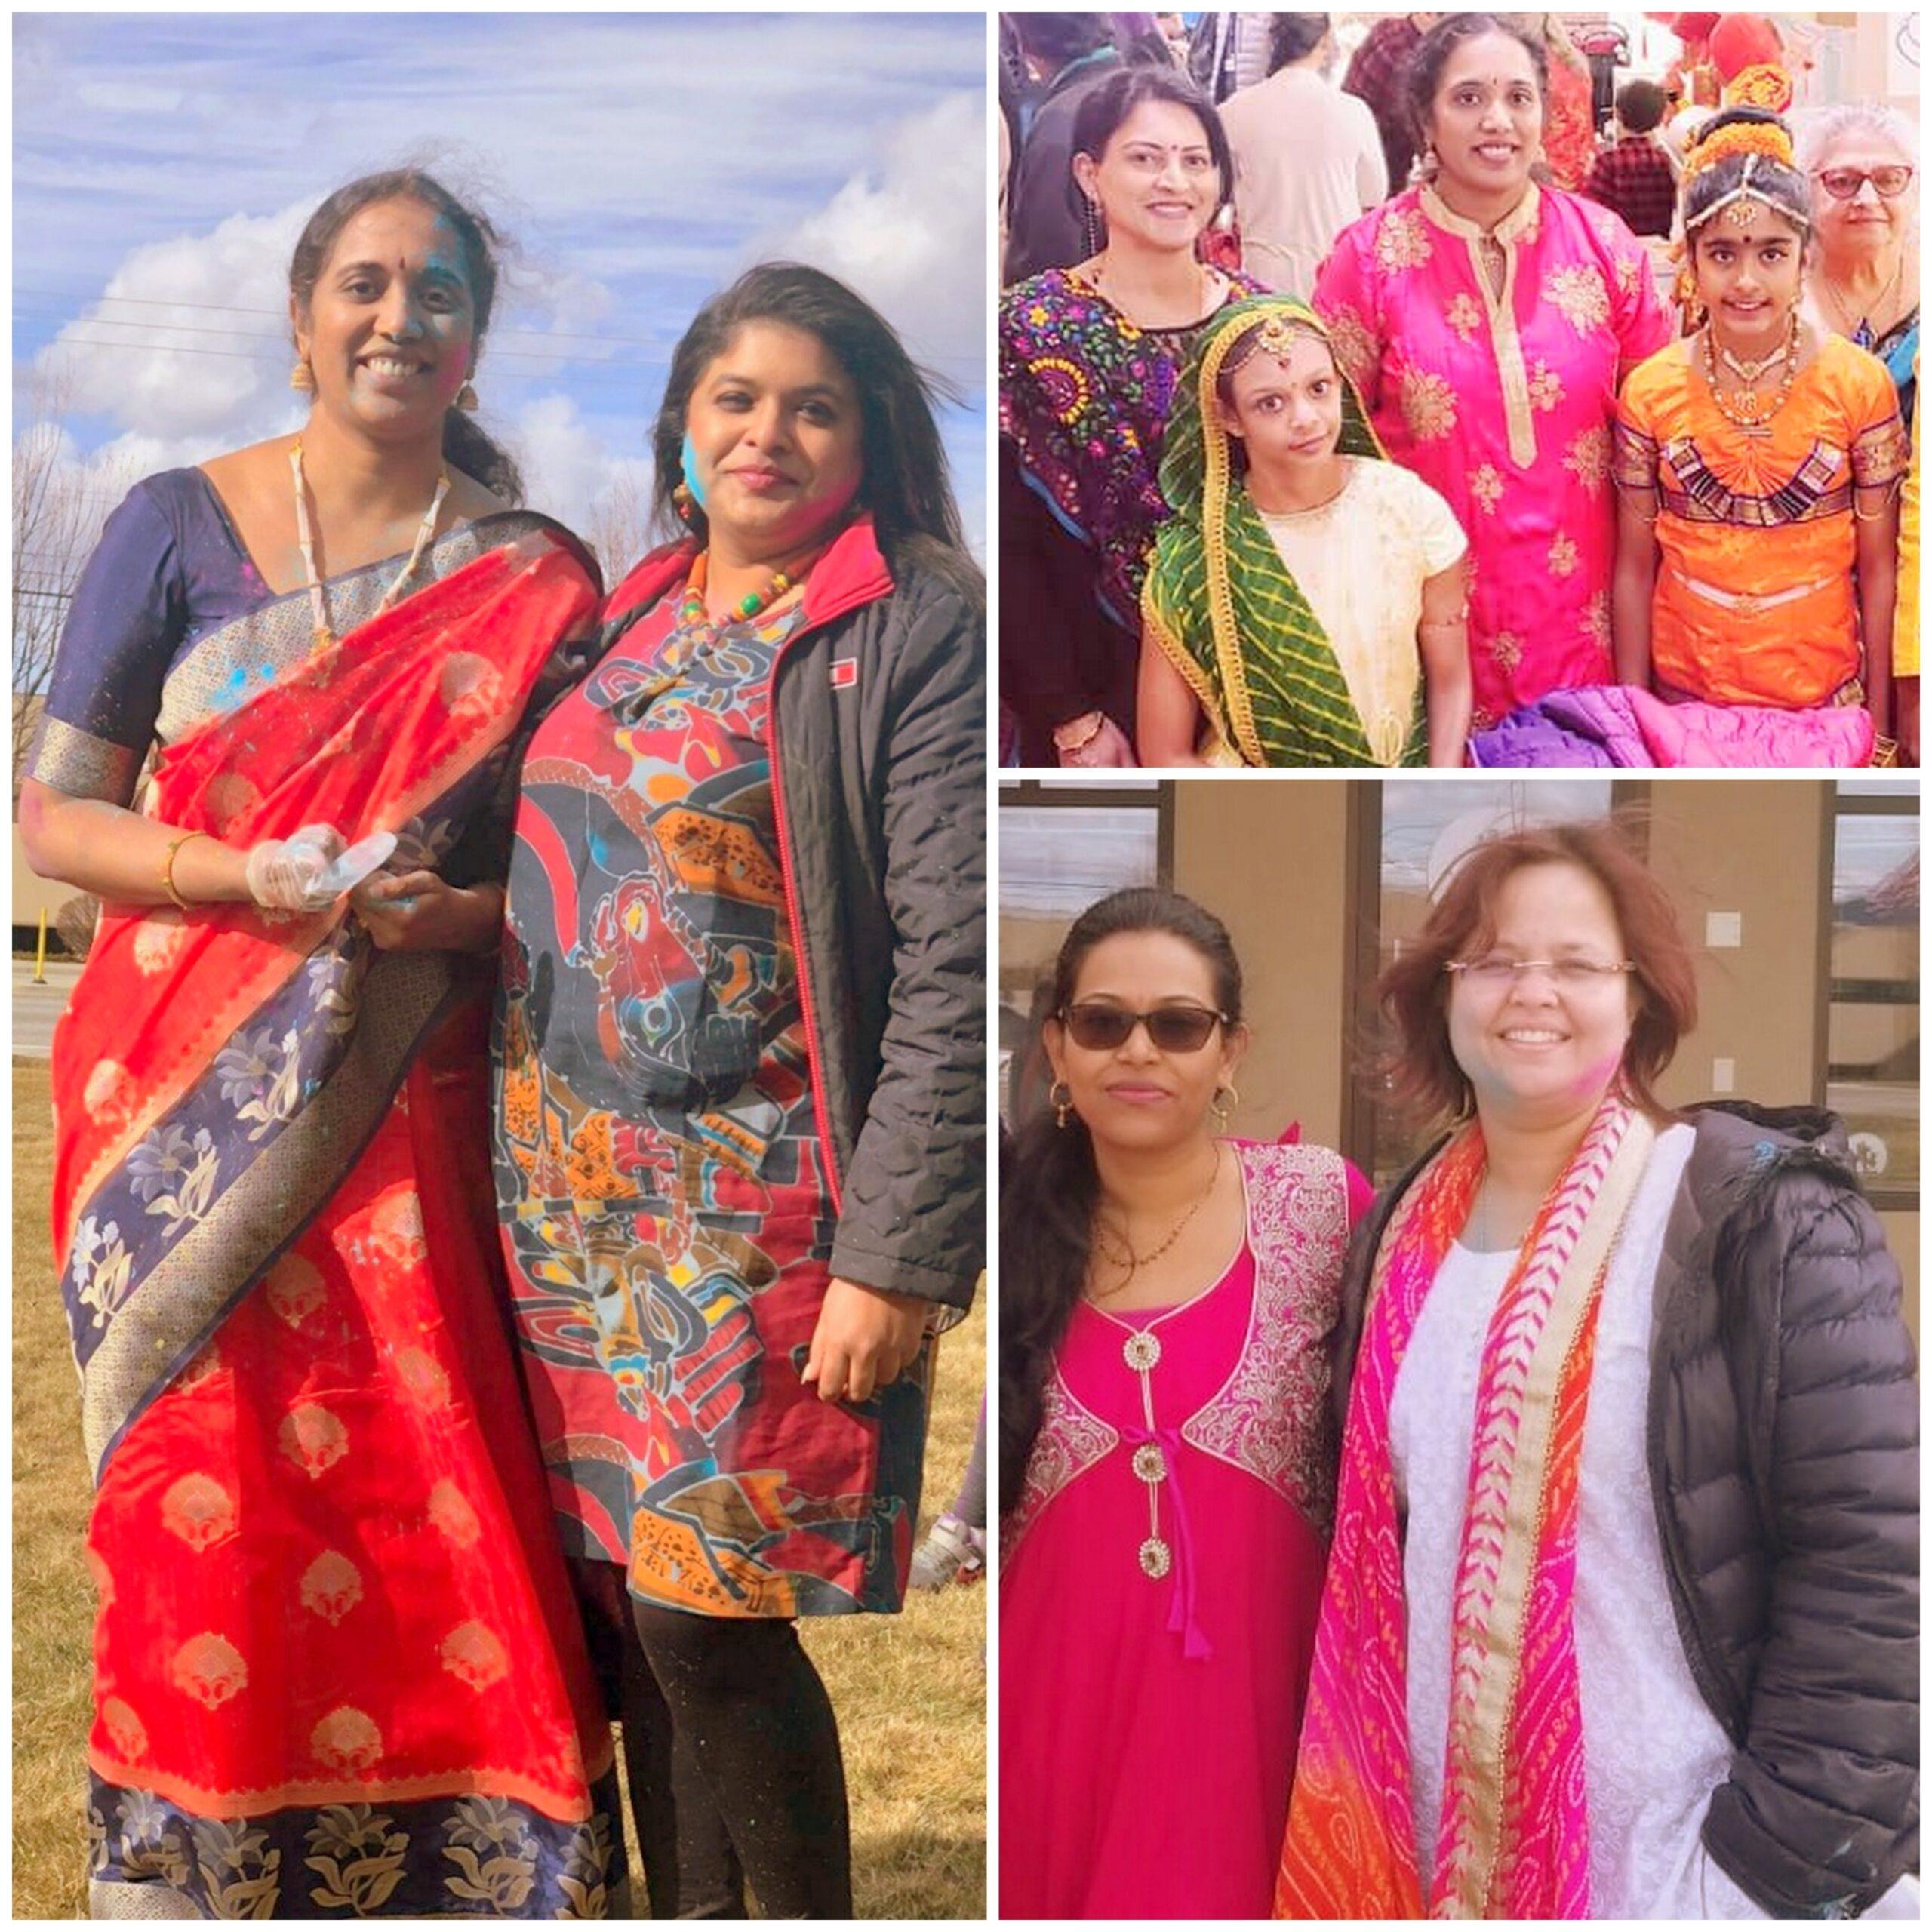 indiancommunity1